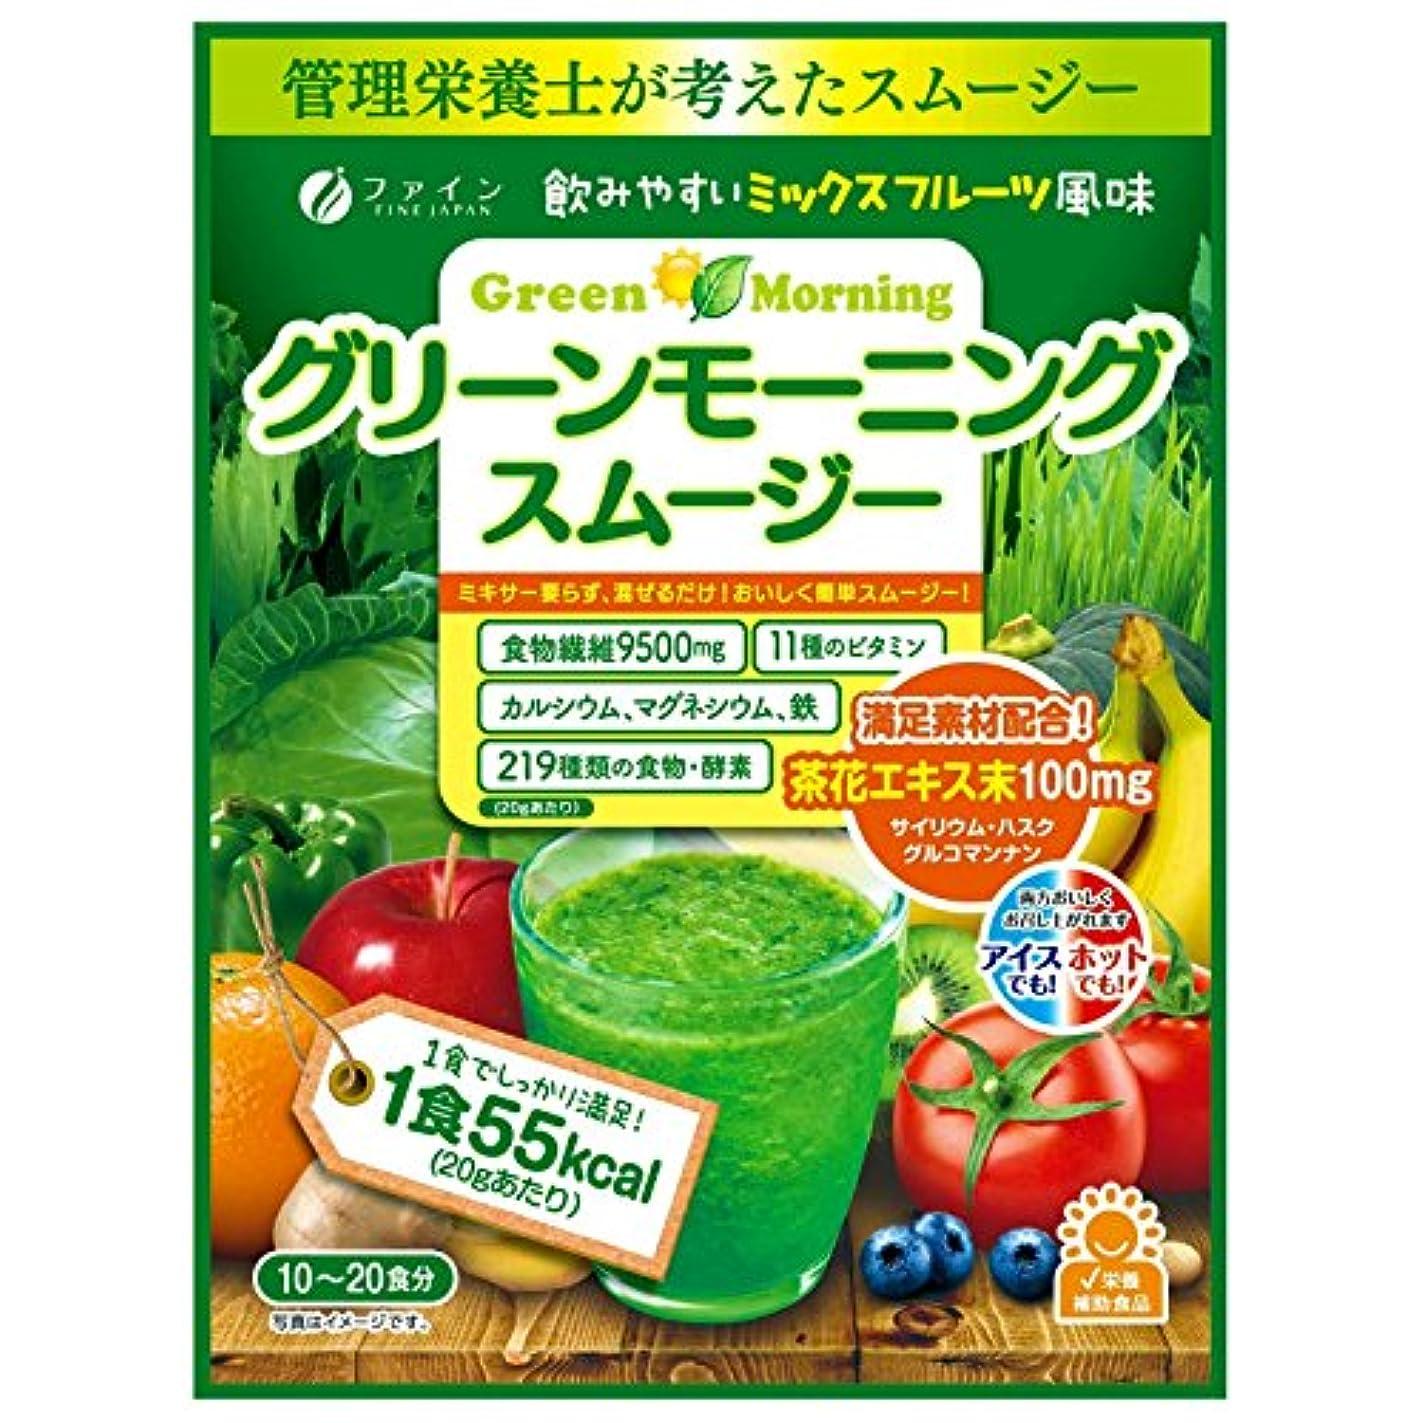 豆腐和らげるやるファイン グリーンモーニングスムージー ミックスフルーツ風味 200g×4個セット